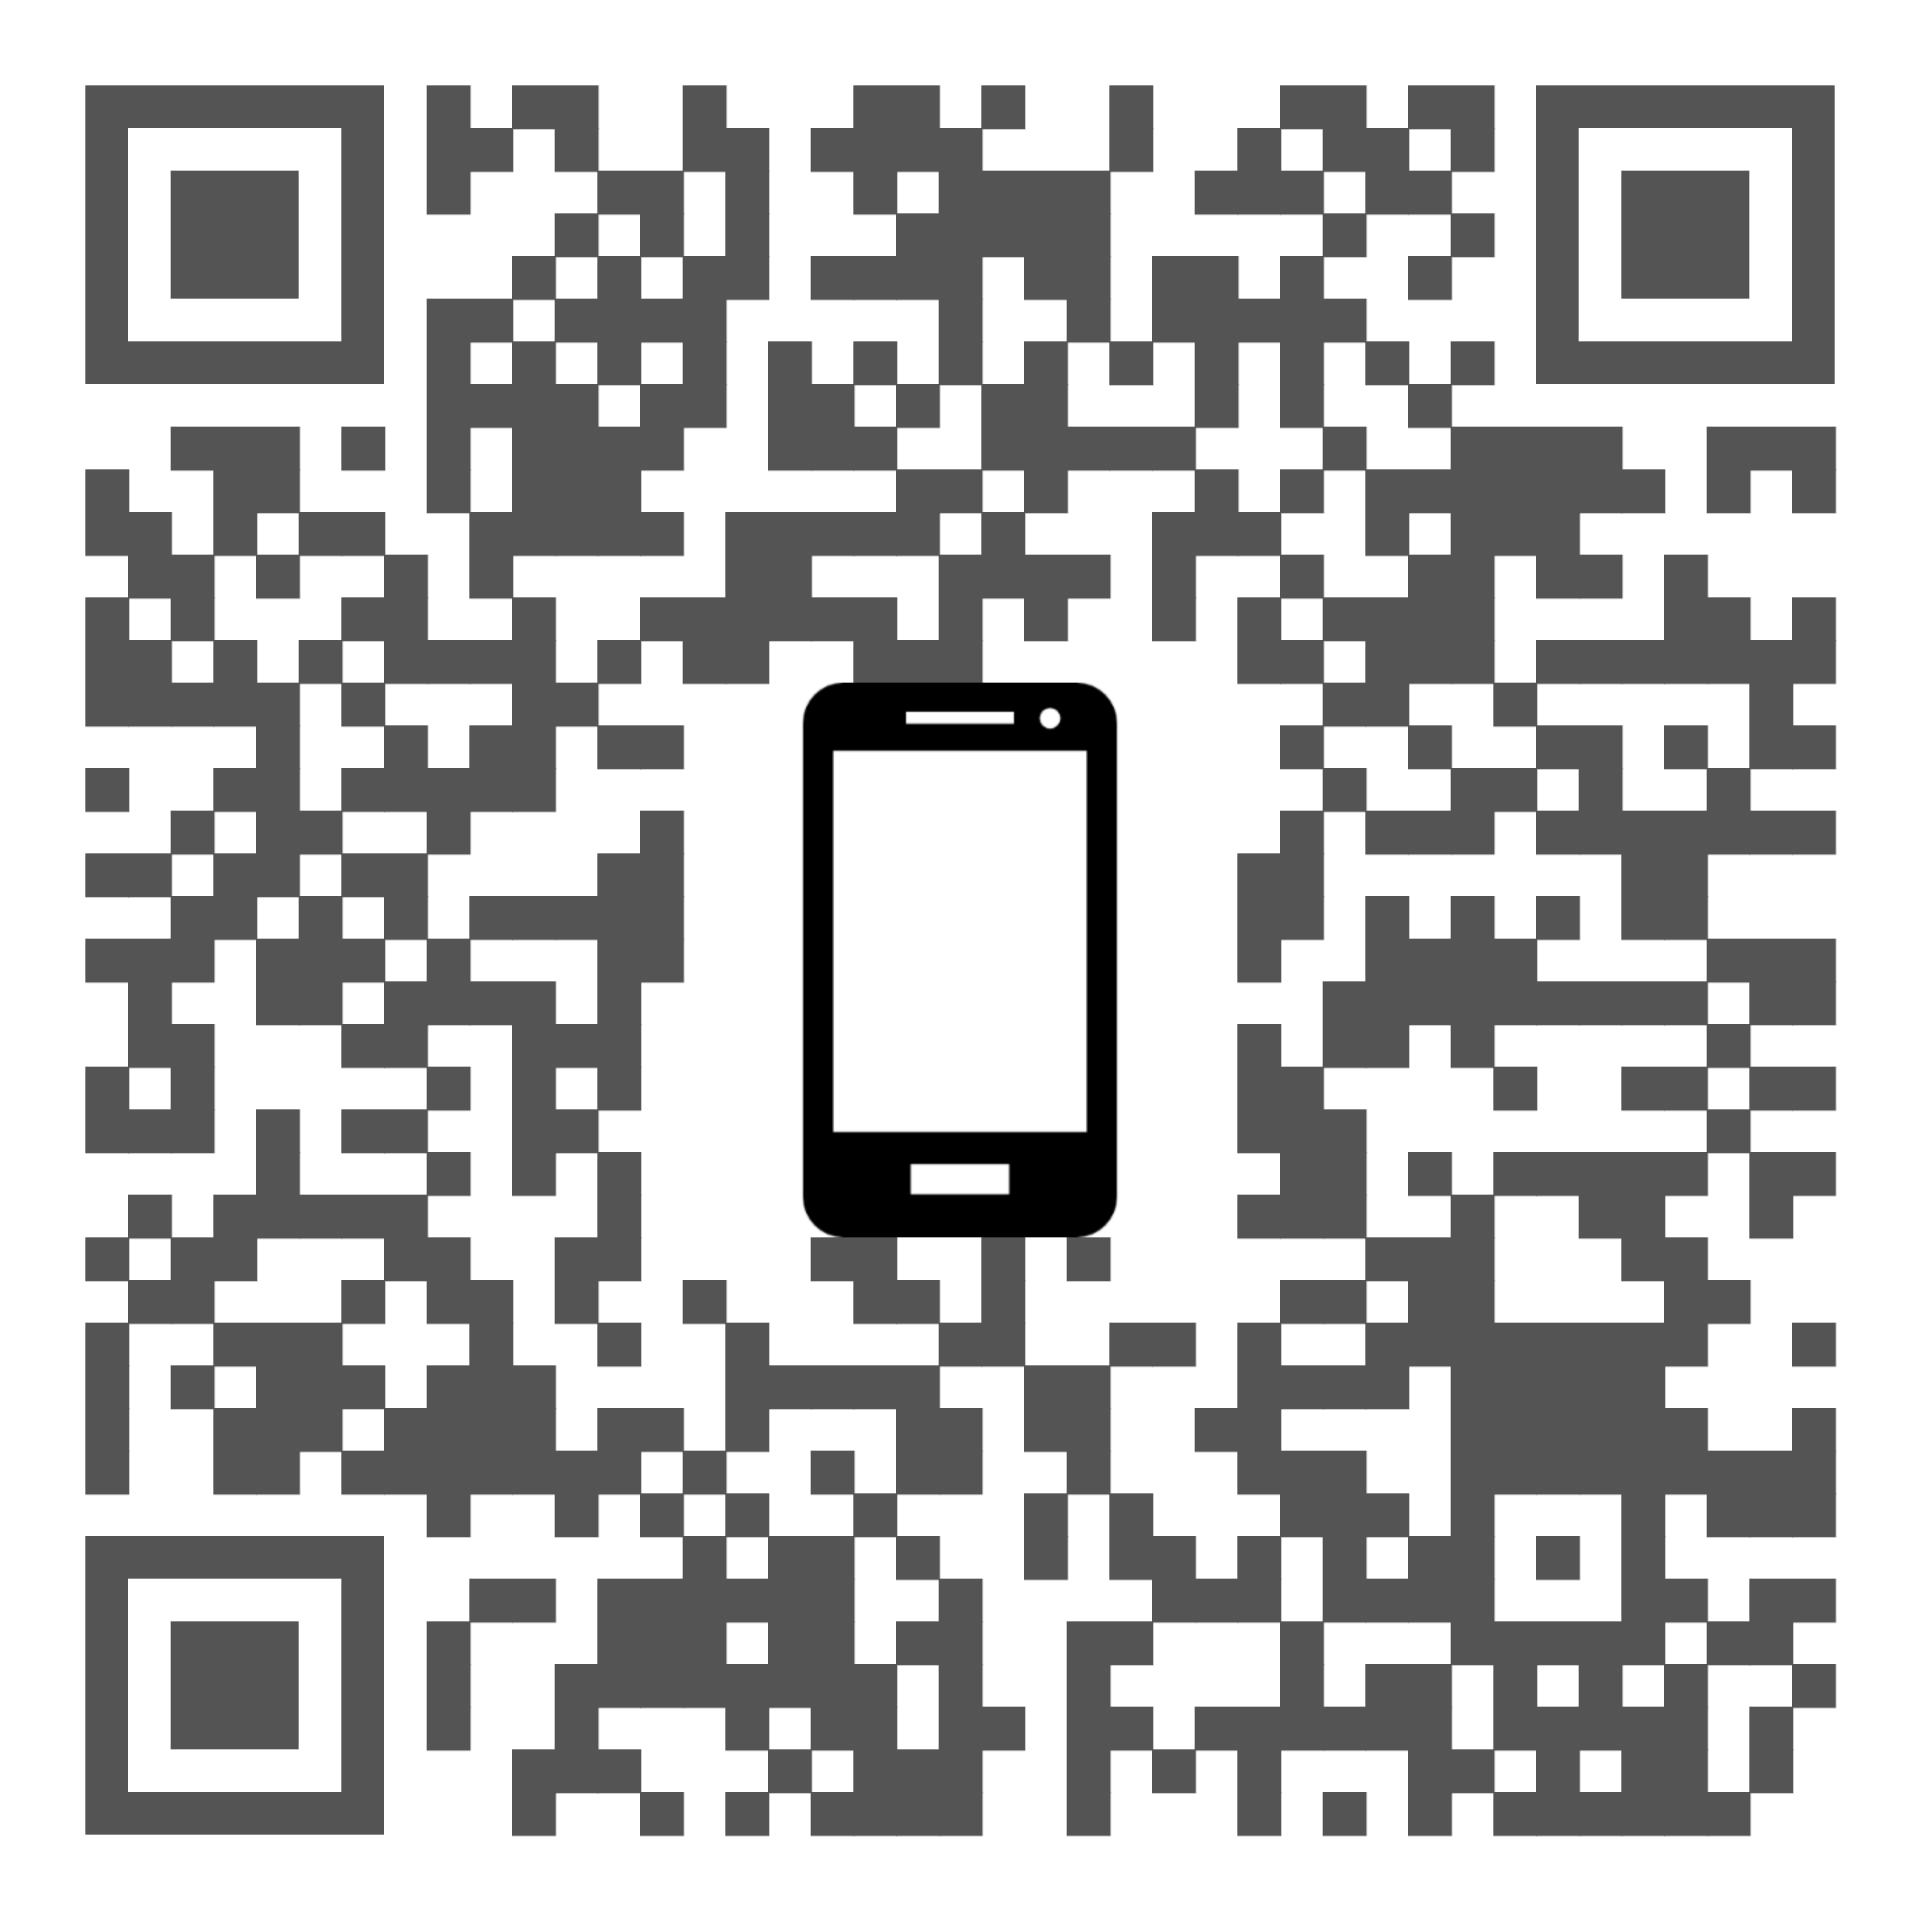 kv-handelsschule-verk%C3%BCrzt.png